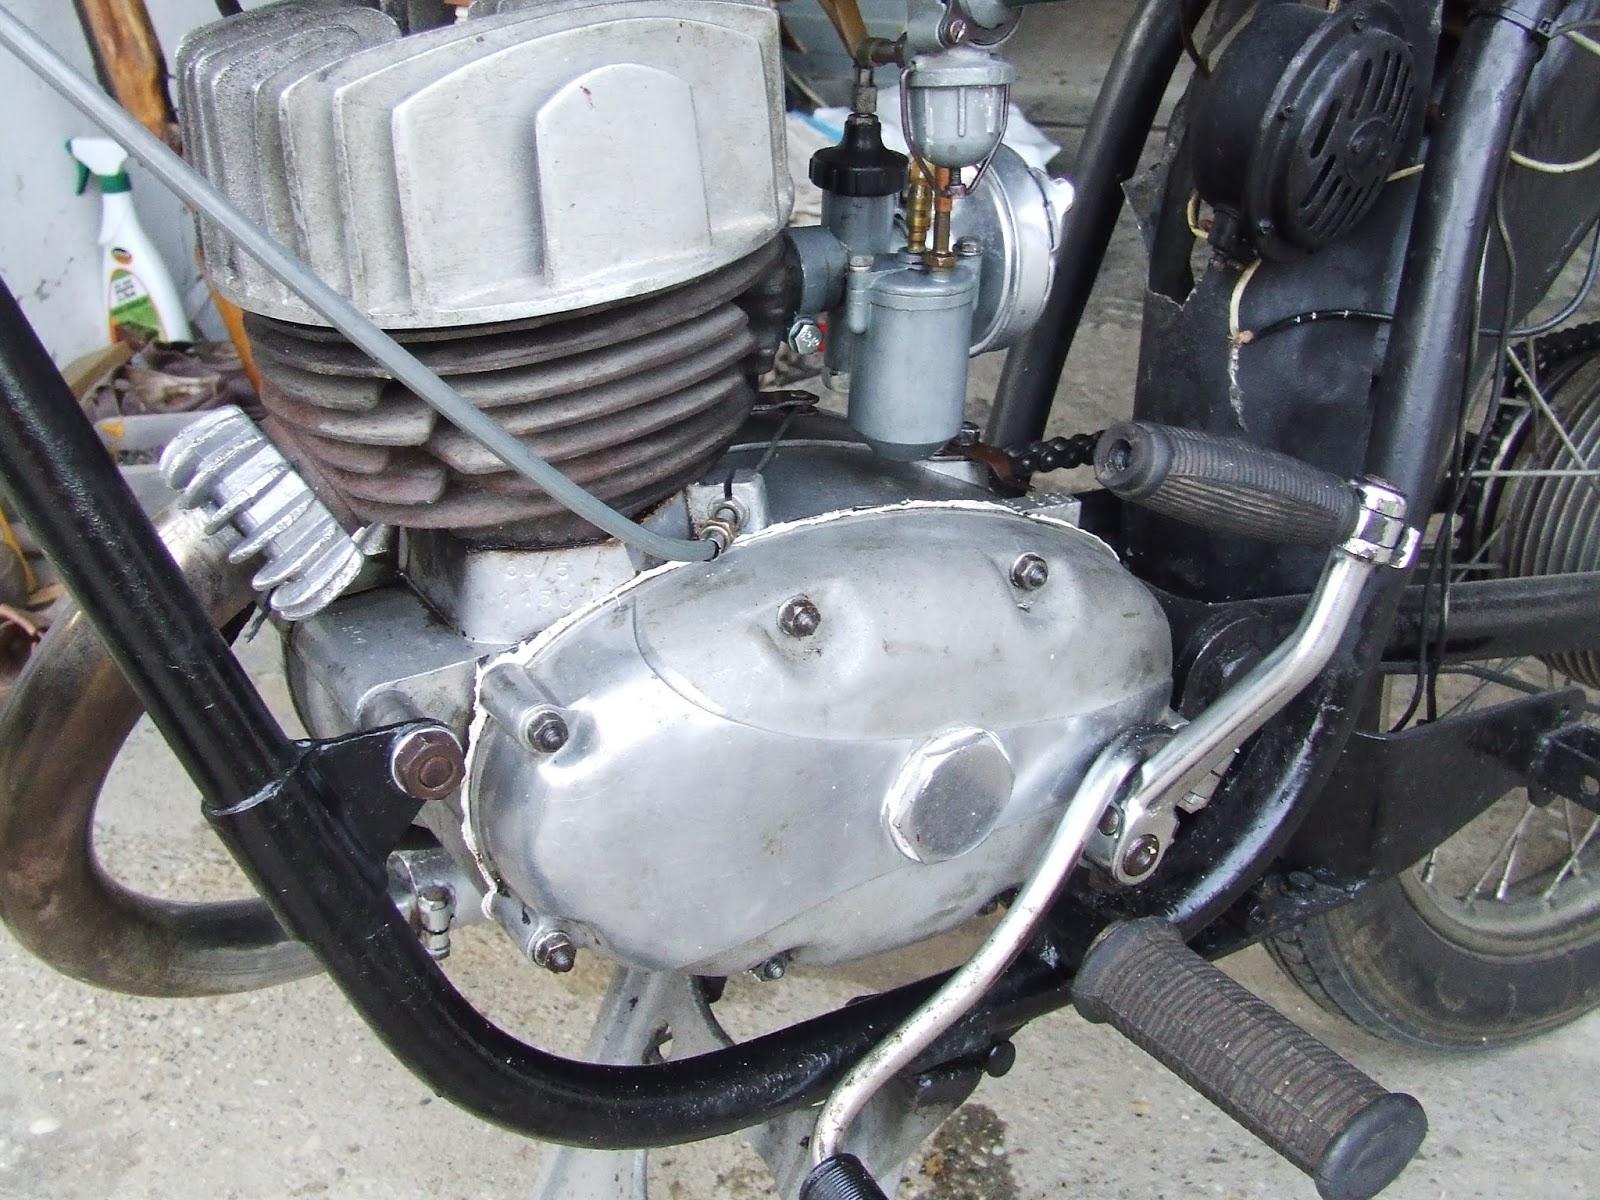 Egy 500 napos motortura 750 - Gy Rbe J Ttem Dolgozni Hoztam Term Szetesen A Motort Is Majd Az Eny M Lett Mert Megkaptam Az Otp T L Az Igazol St Hogy A K Lcs Nre Vett Motor